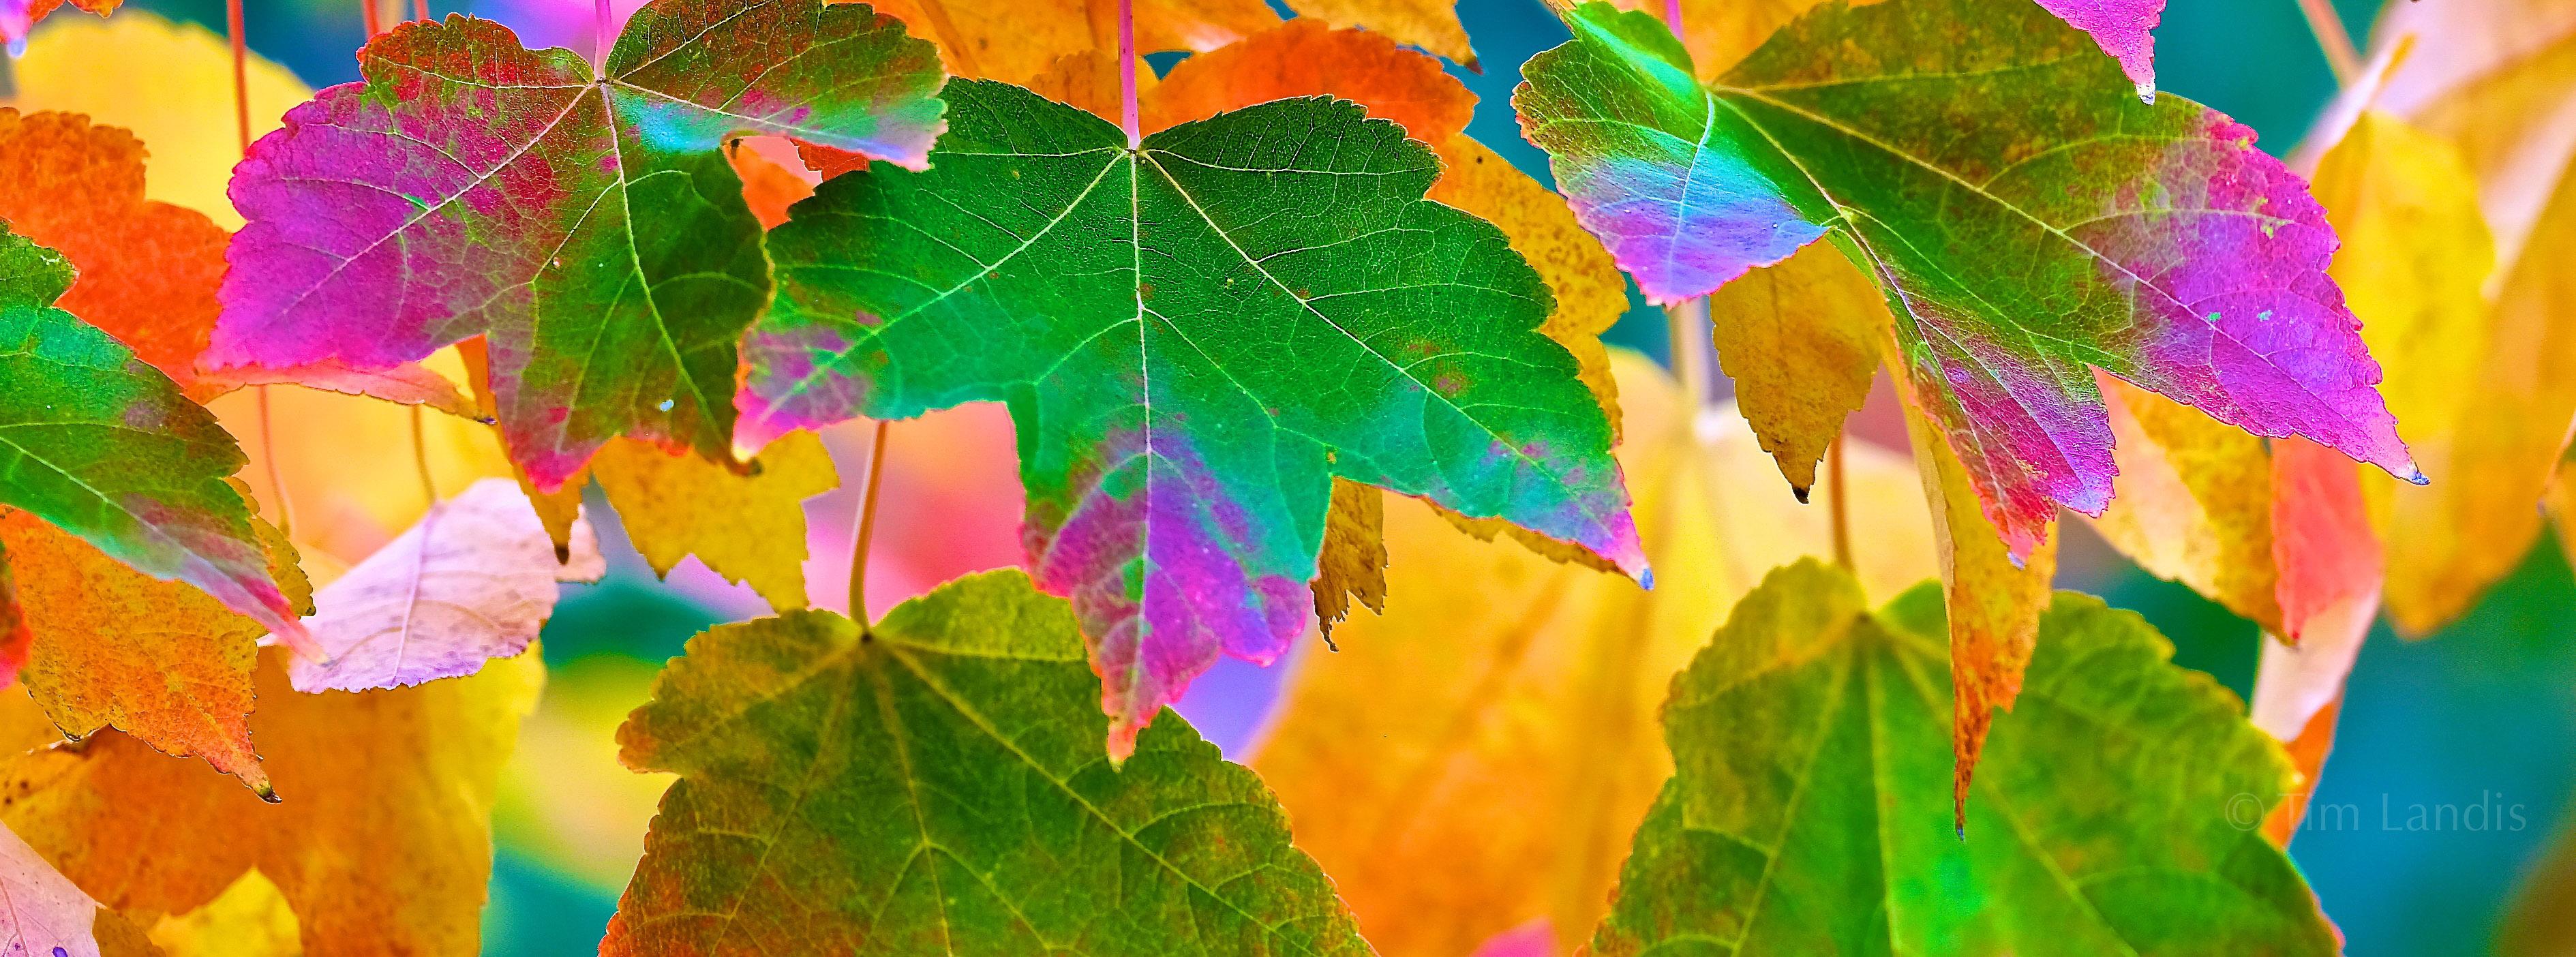 Magic Maple, brilliant Leaves, full spectrum of colors, photo